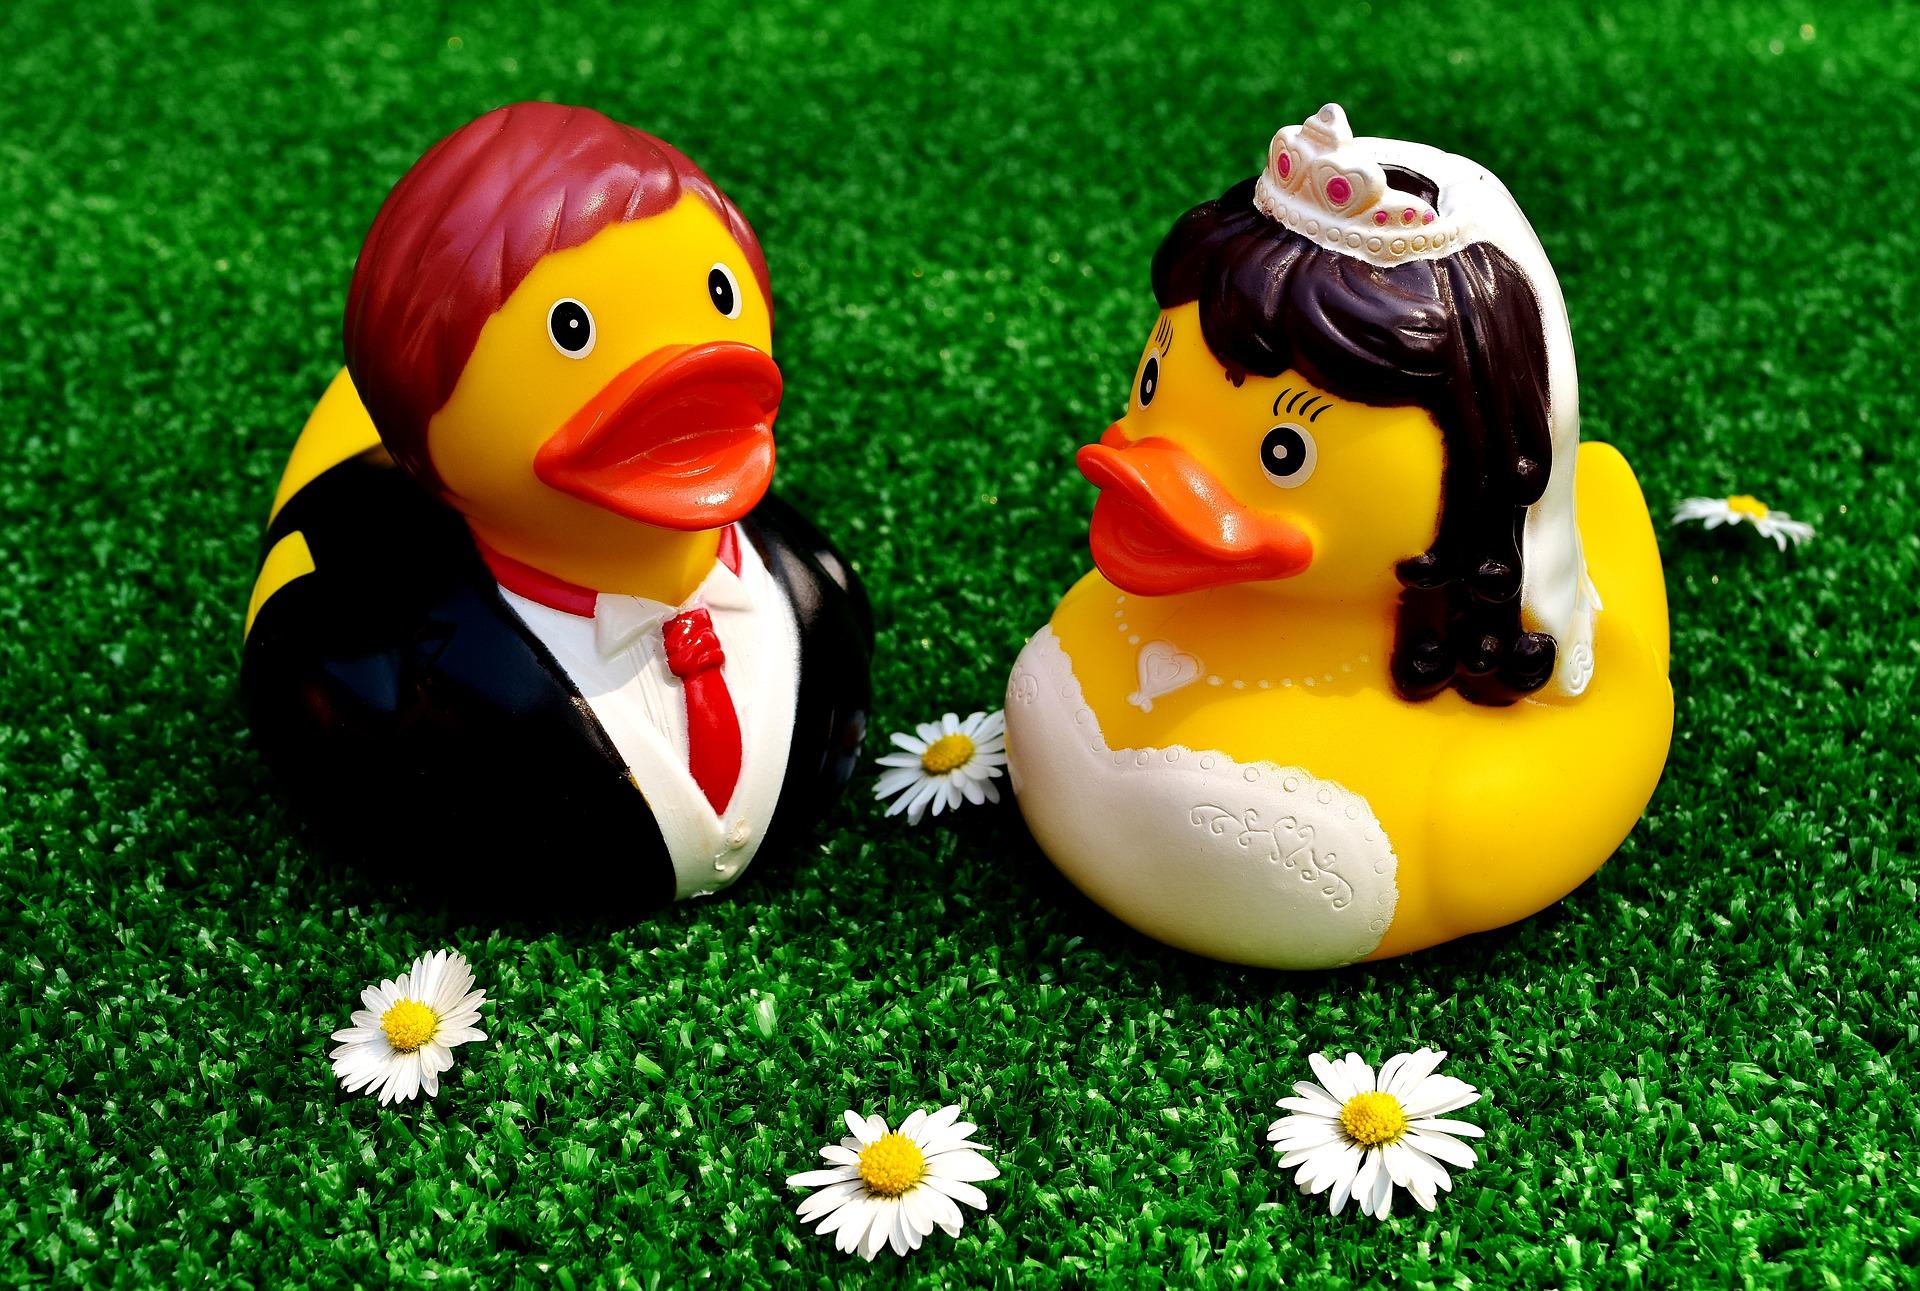 rubber-ducks-2402752_1920.jpg